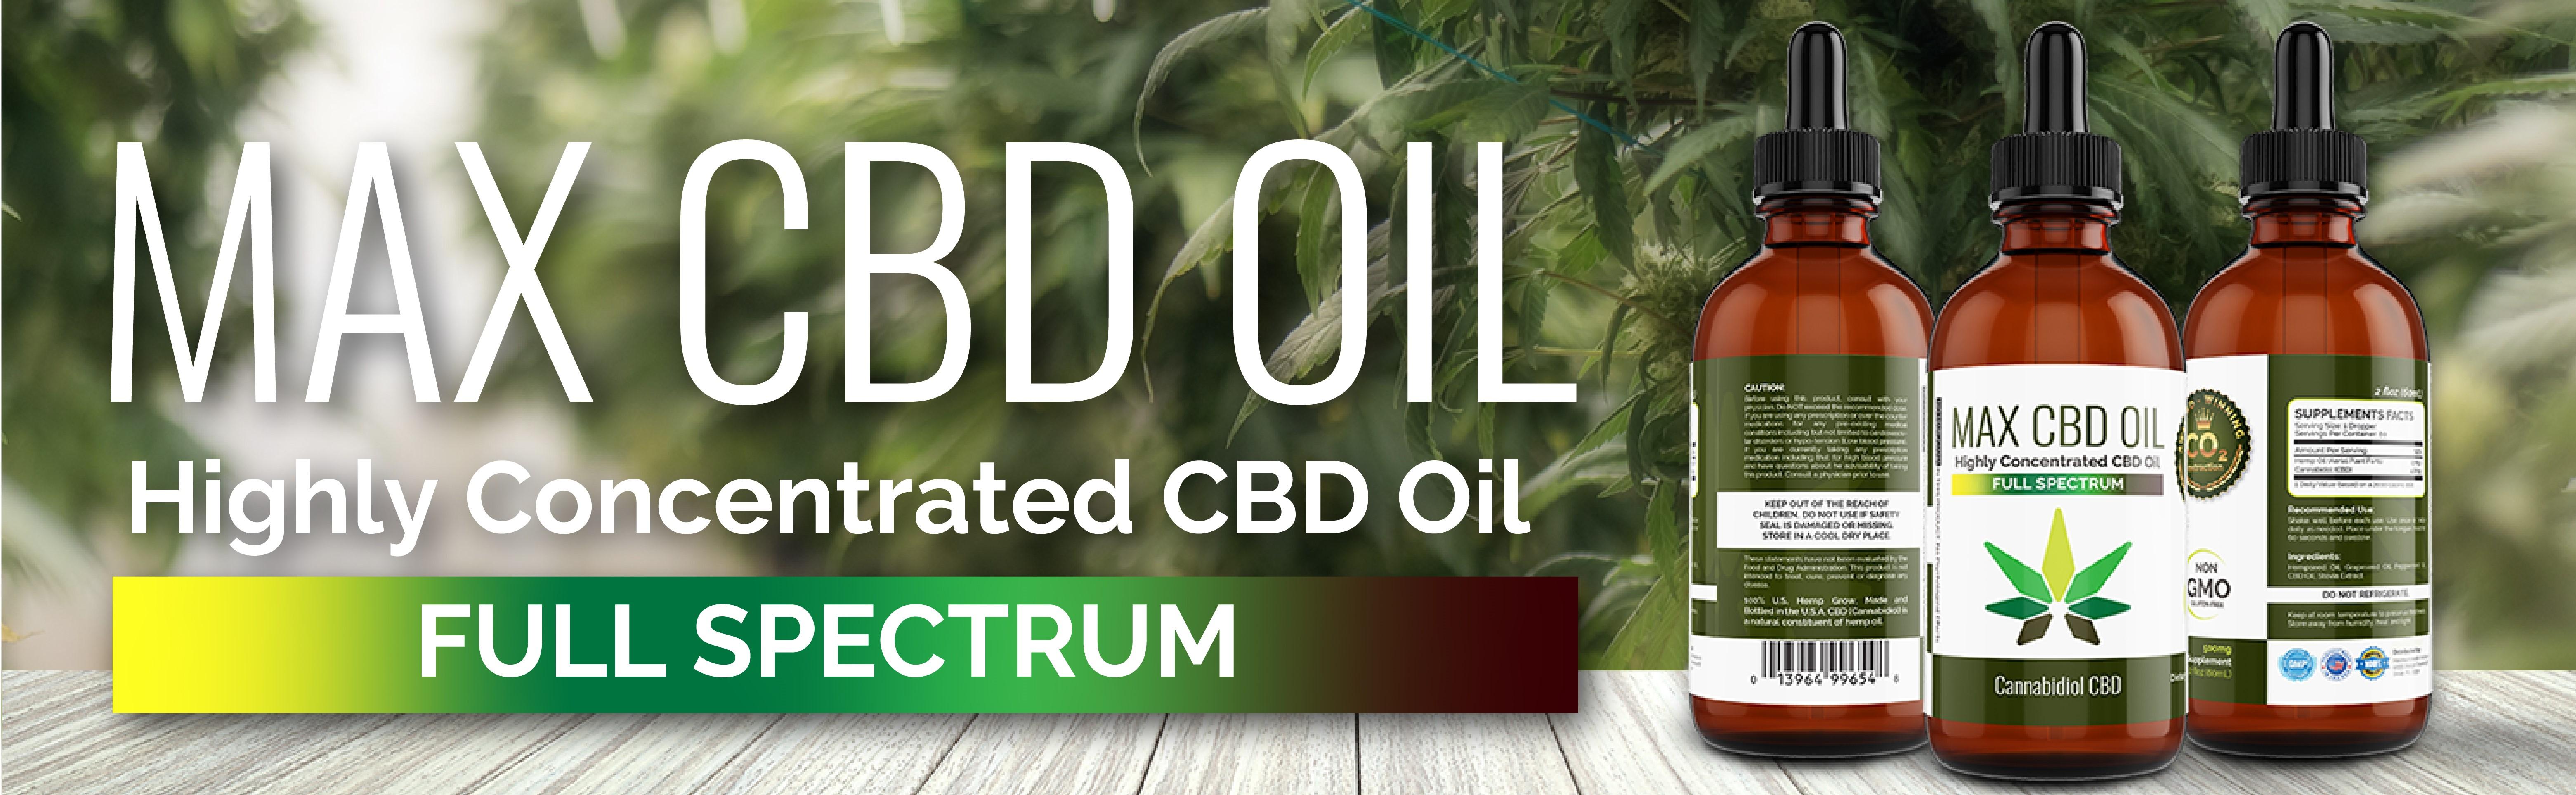 cbd-oil-header.jpg